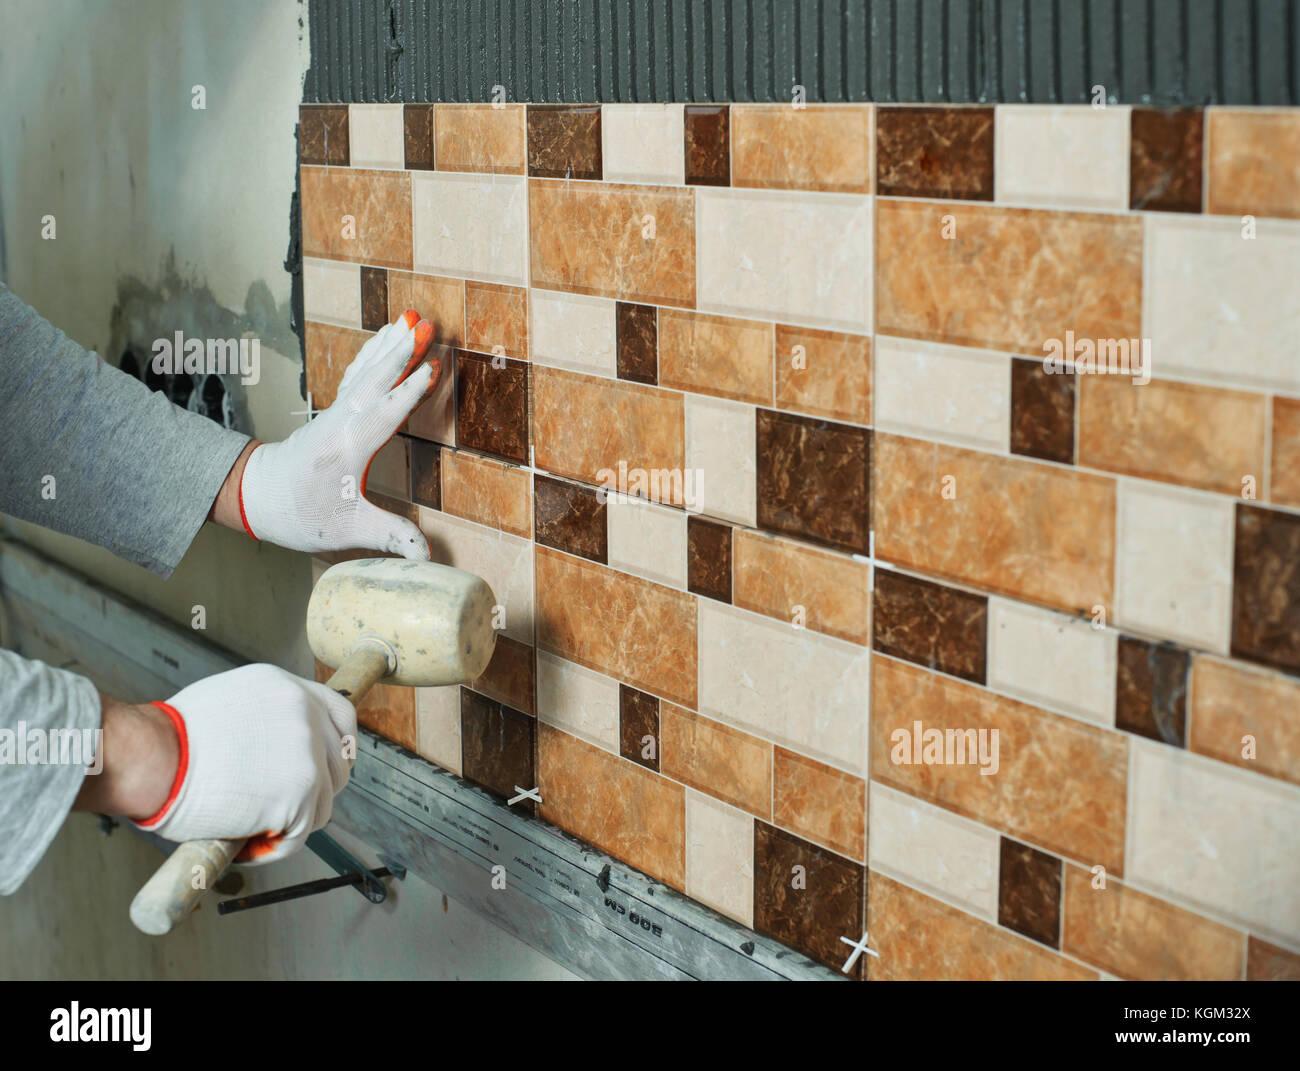 La posa di piastrelle di ceramica. installatore a bussare sulle